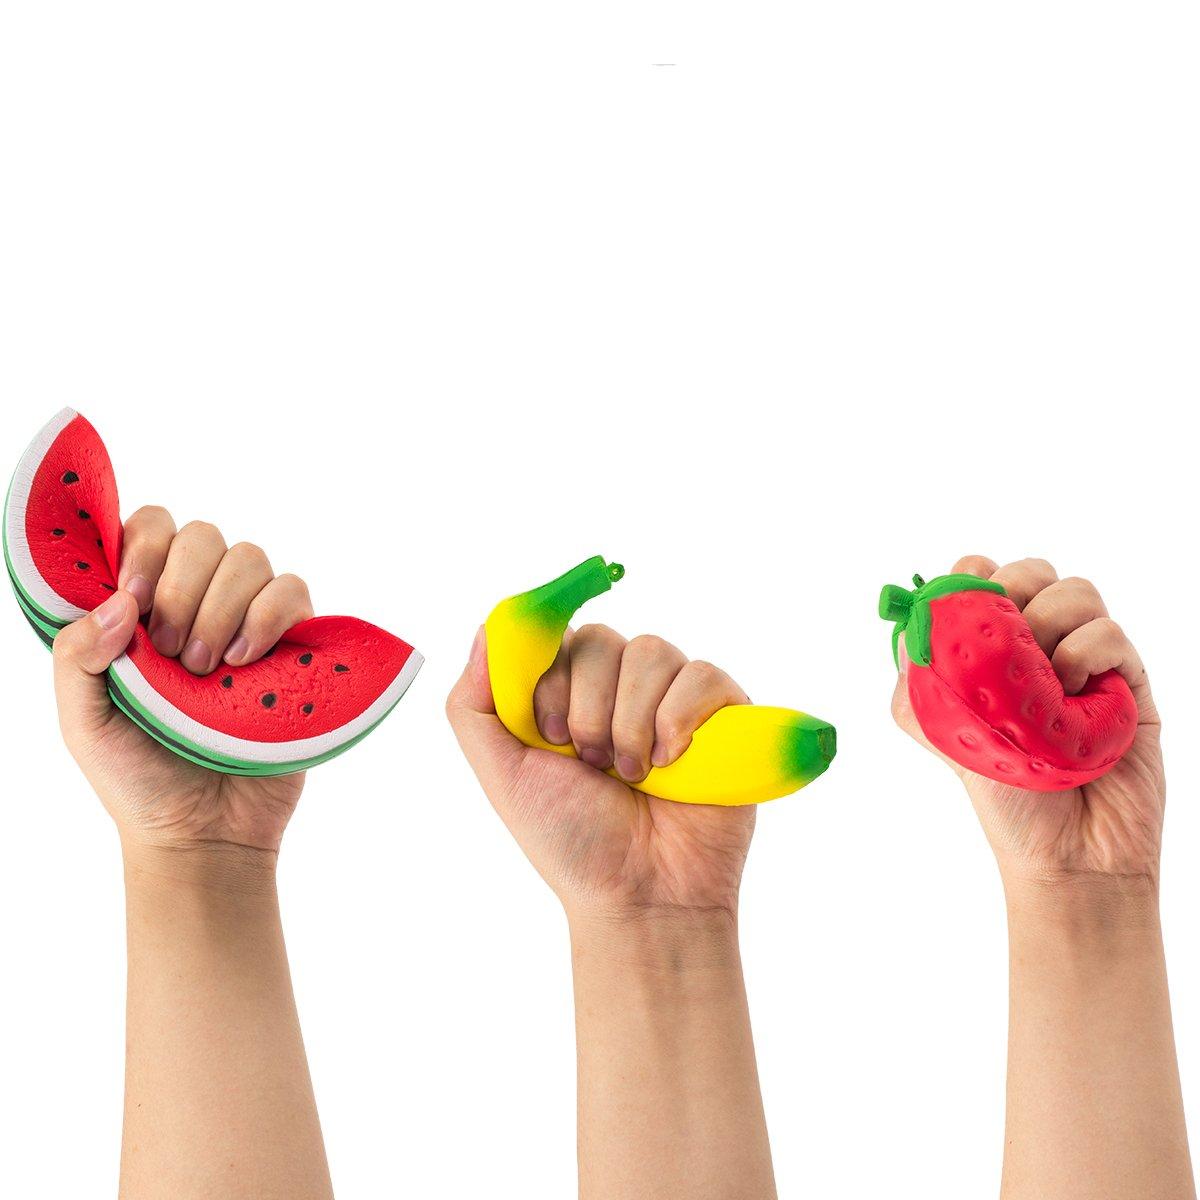 Pamase 3 Stücke Squishies Früchte Erdbeere Banane Wassermelone Obst